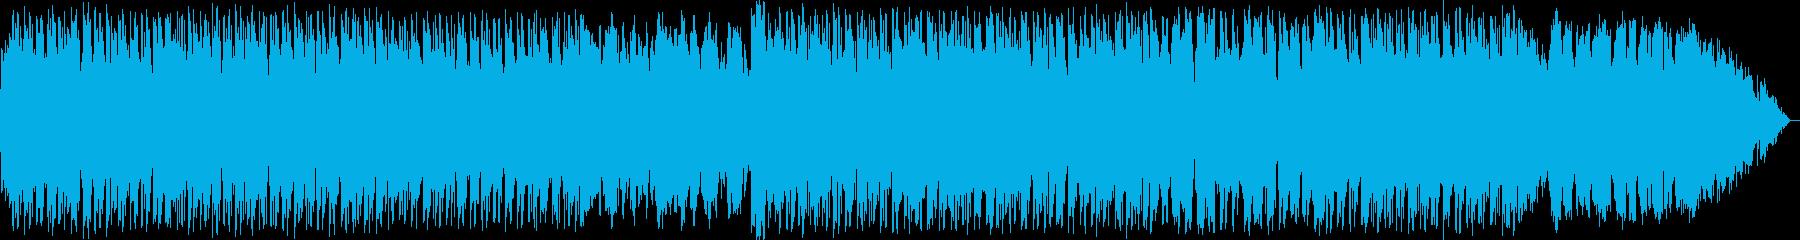 力強い竹笛の民族系ニューエイジ音楽の再生済みの波形